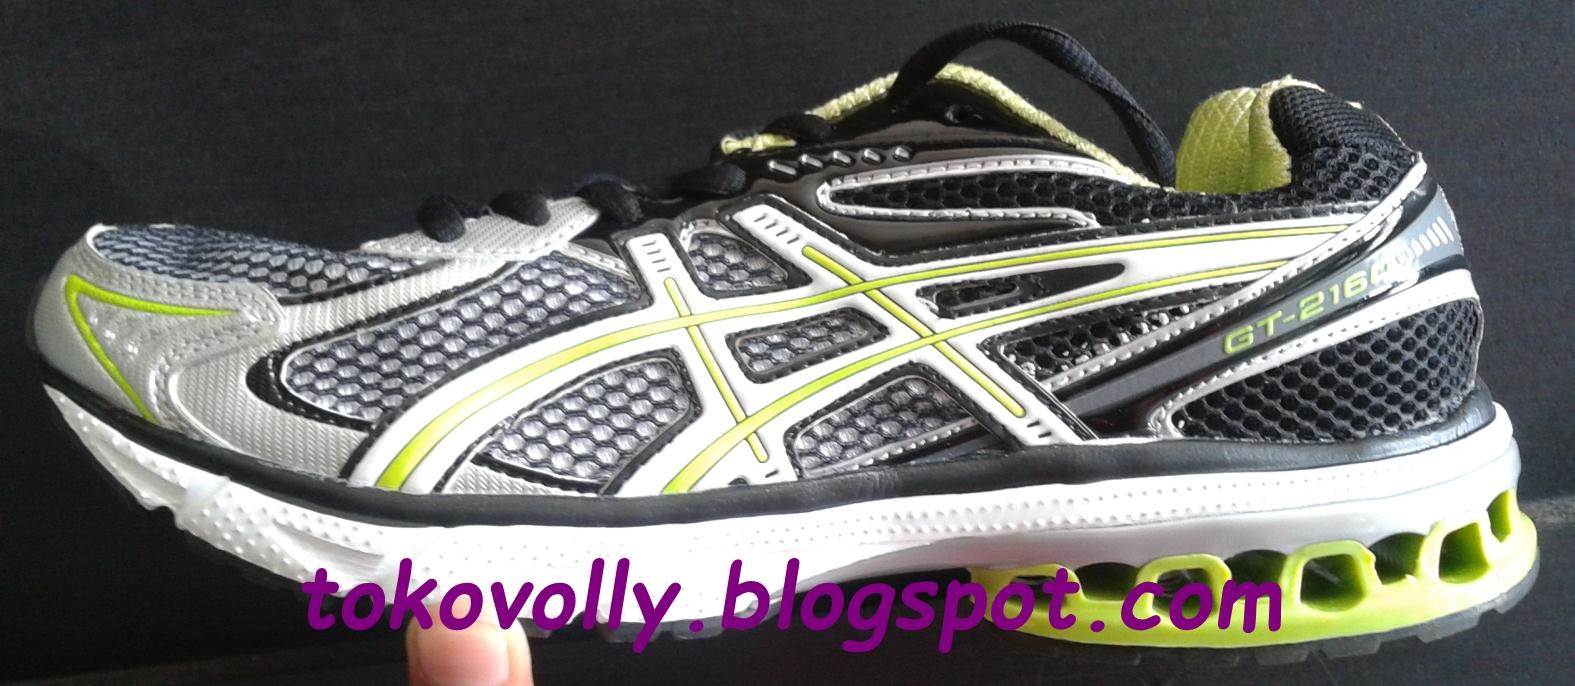 PUSAT SEPATU MIZUNO MURAH  Sepatu Voli Pria Terbaik Merek Asics 0fb332759f